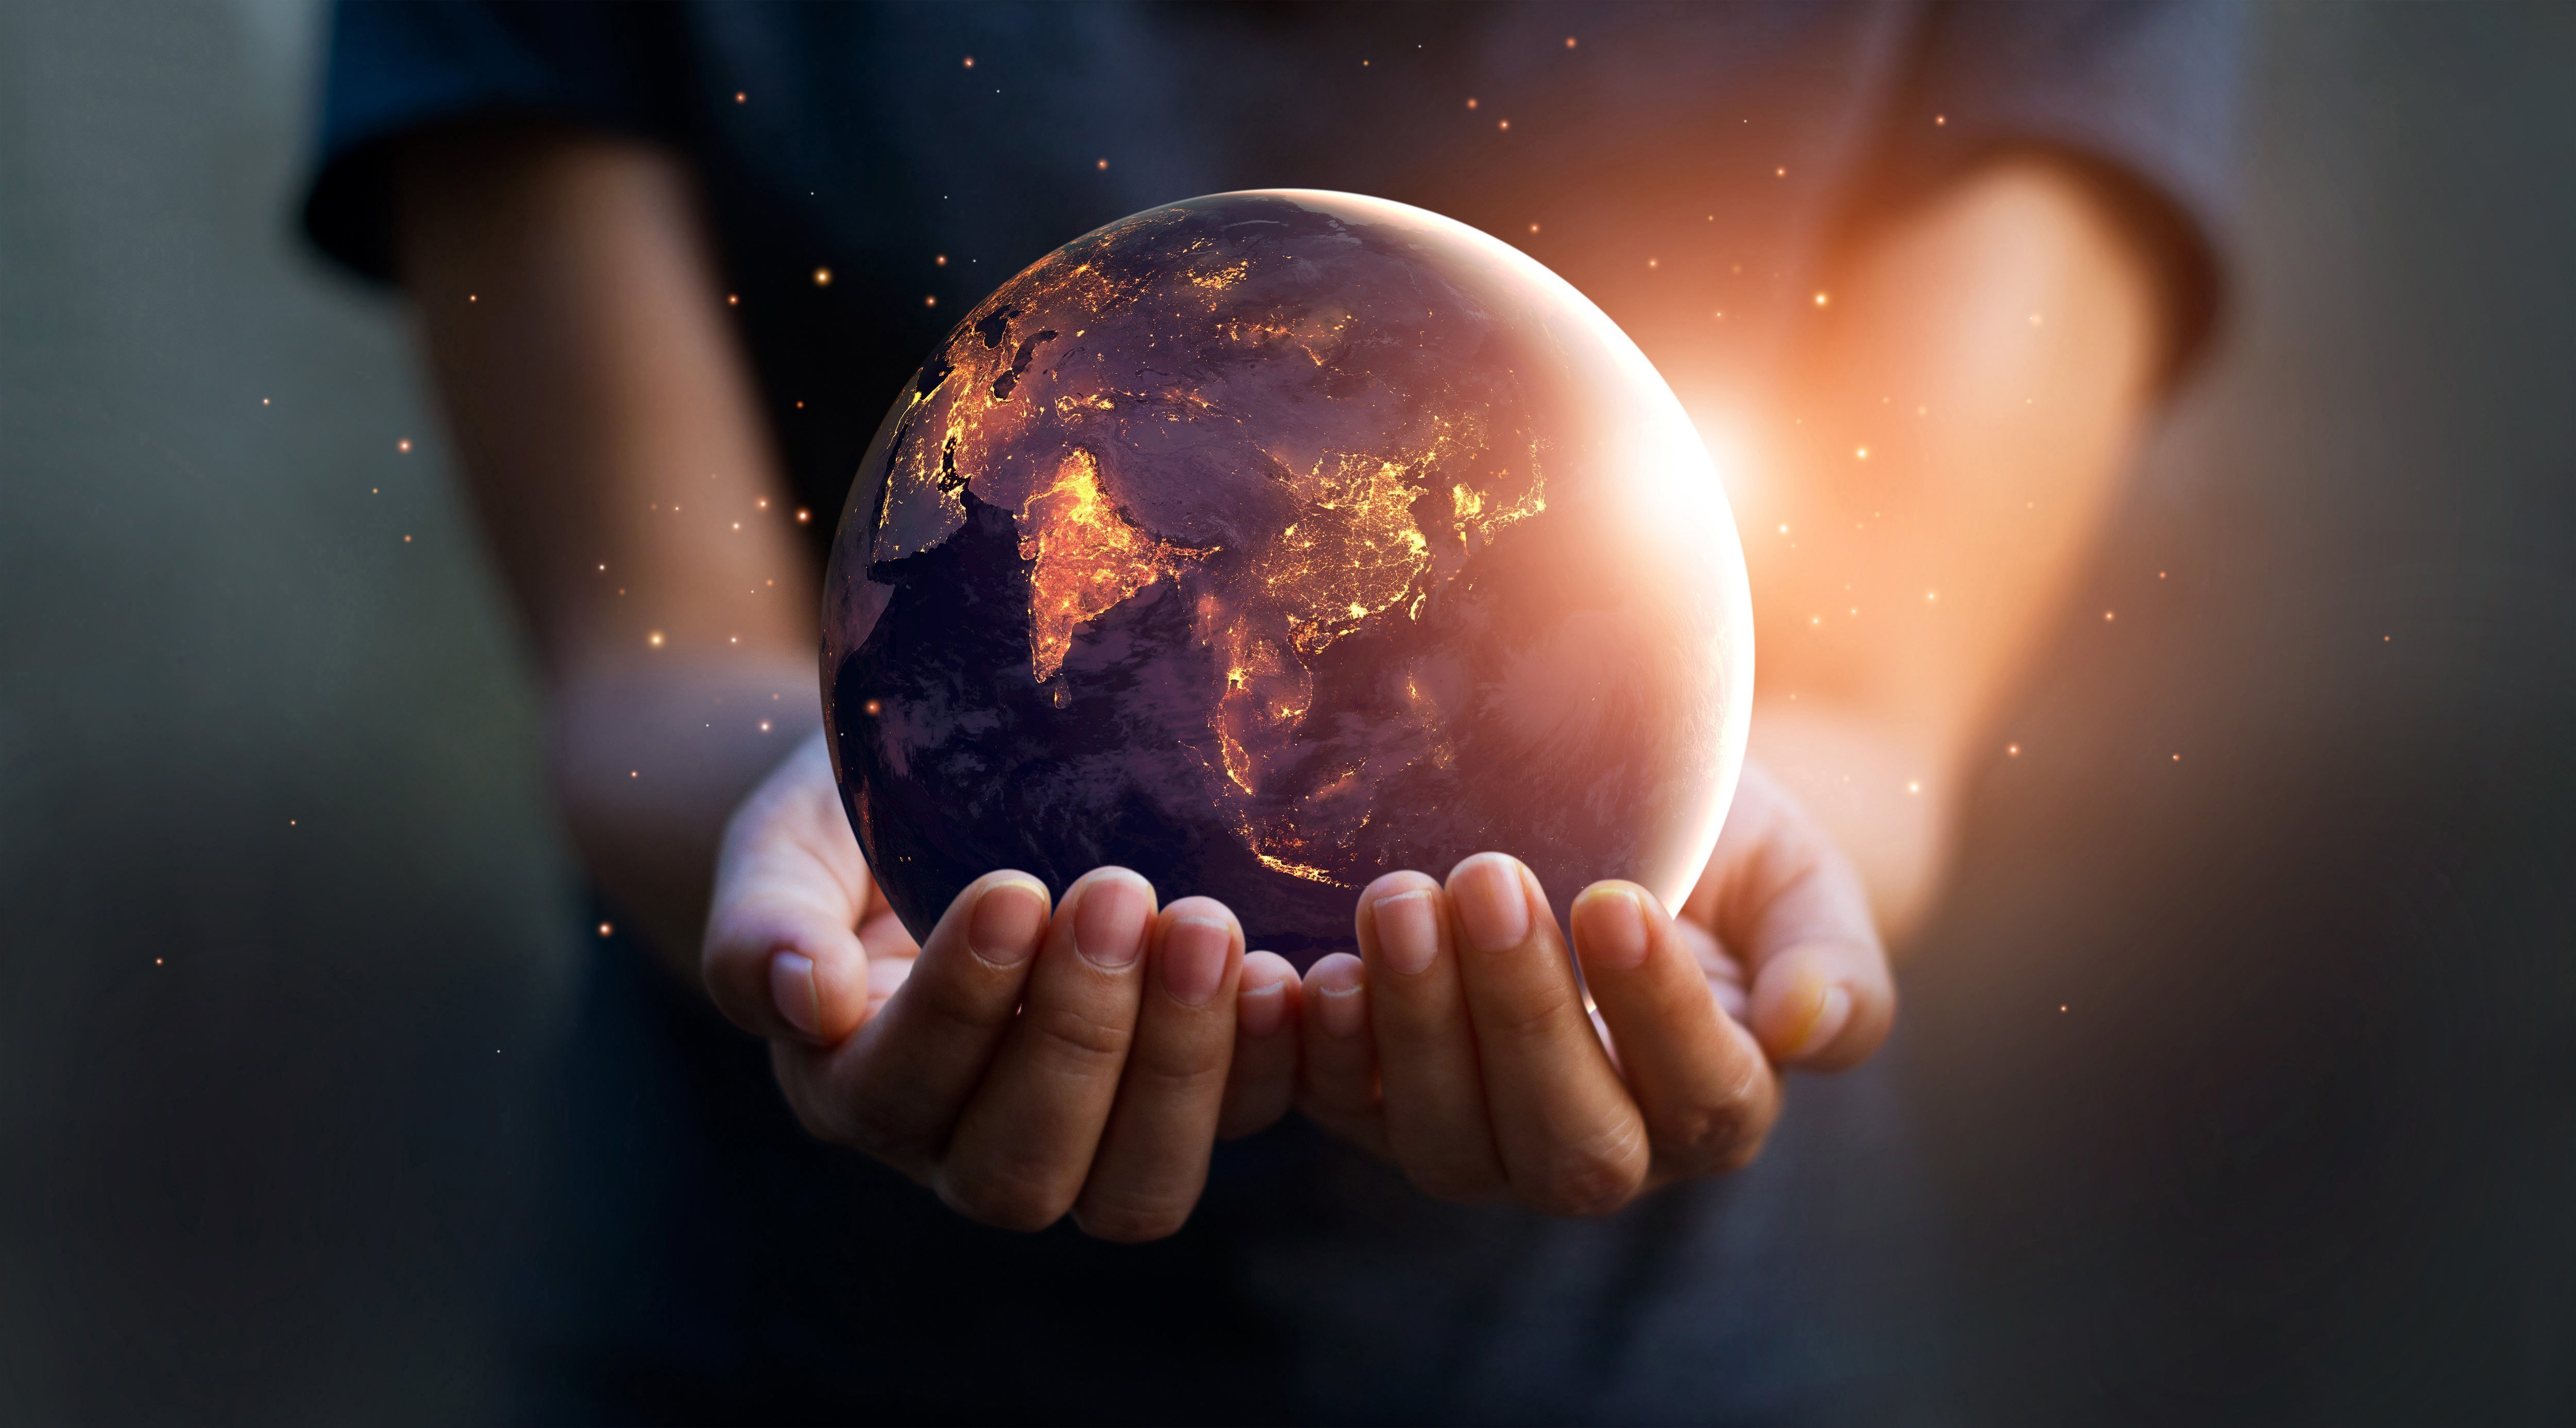 Çevresel Sürdürebilirlik Nedir?